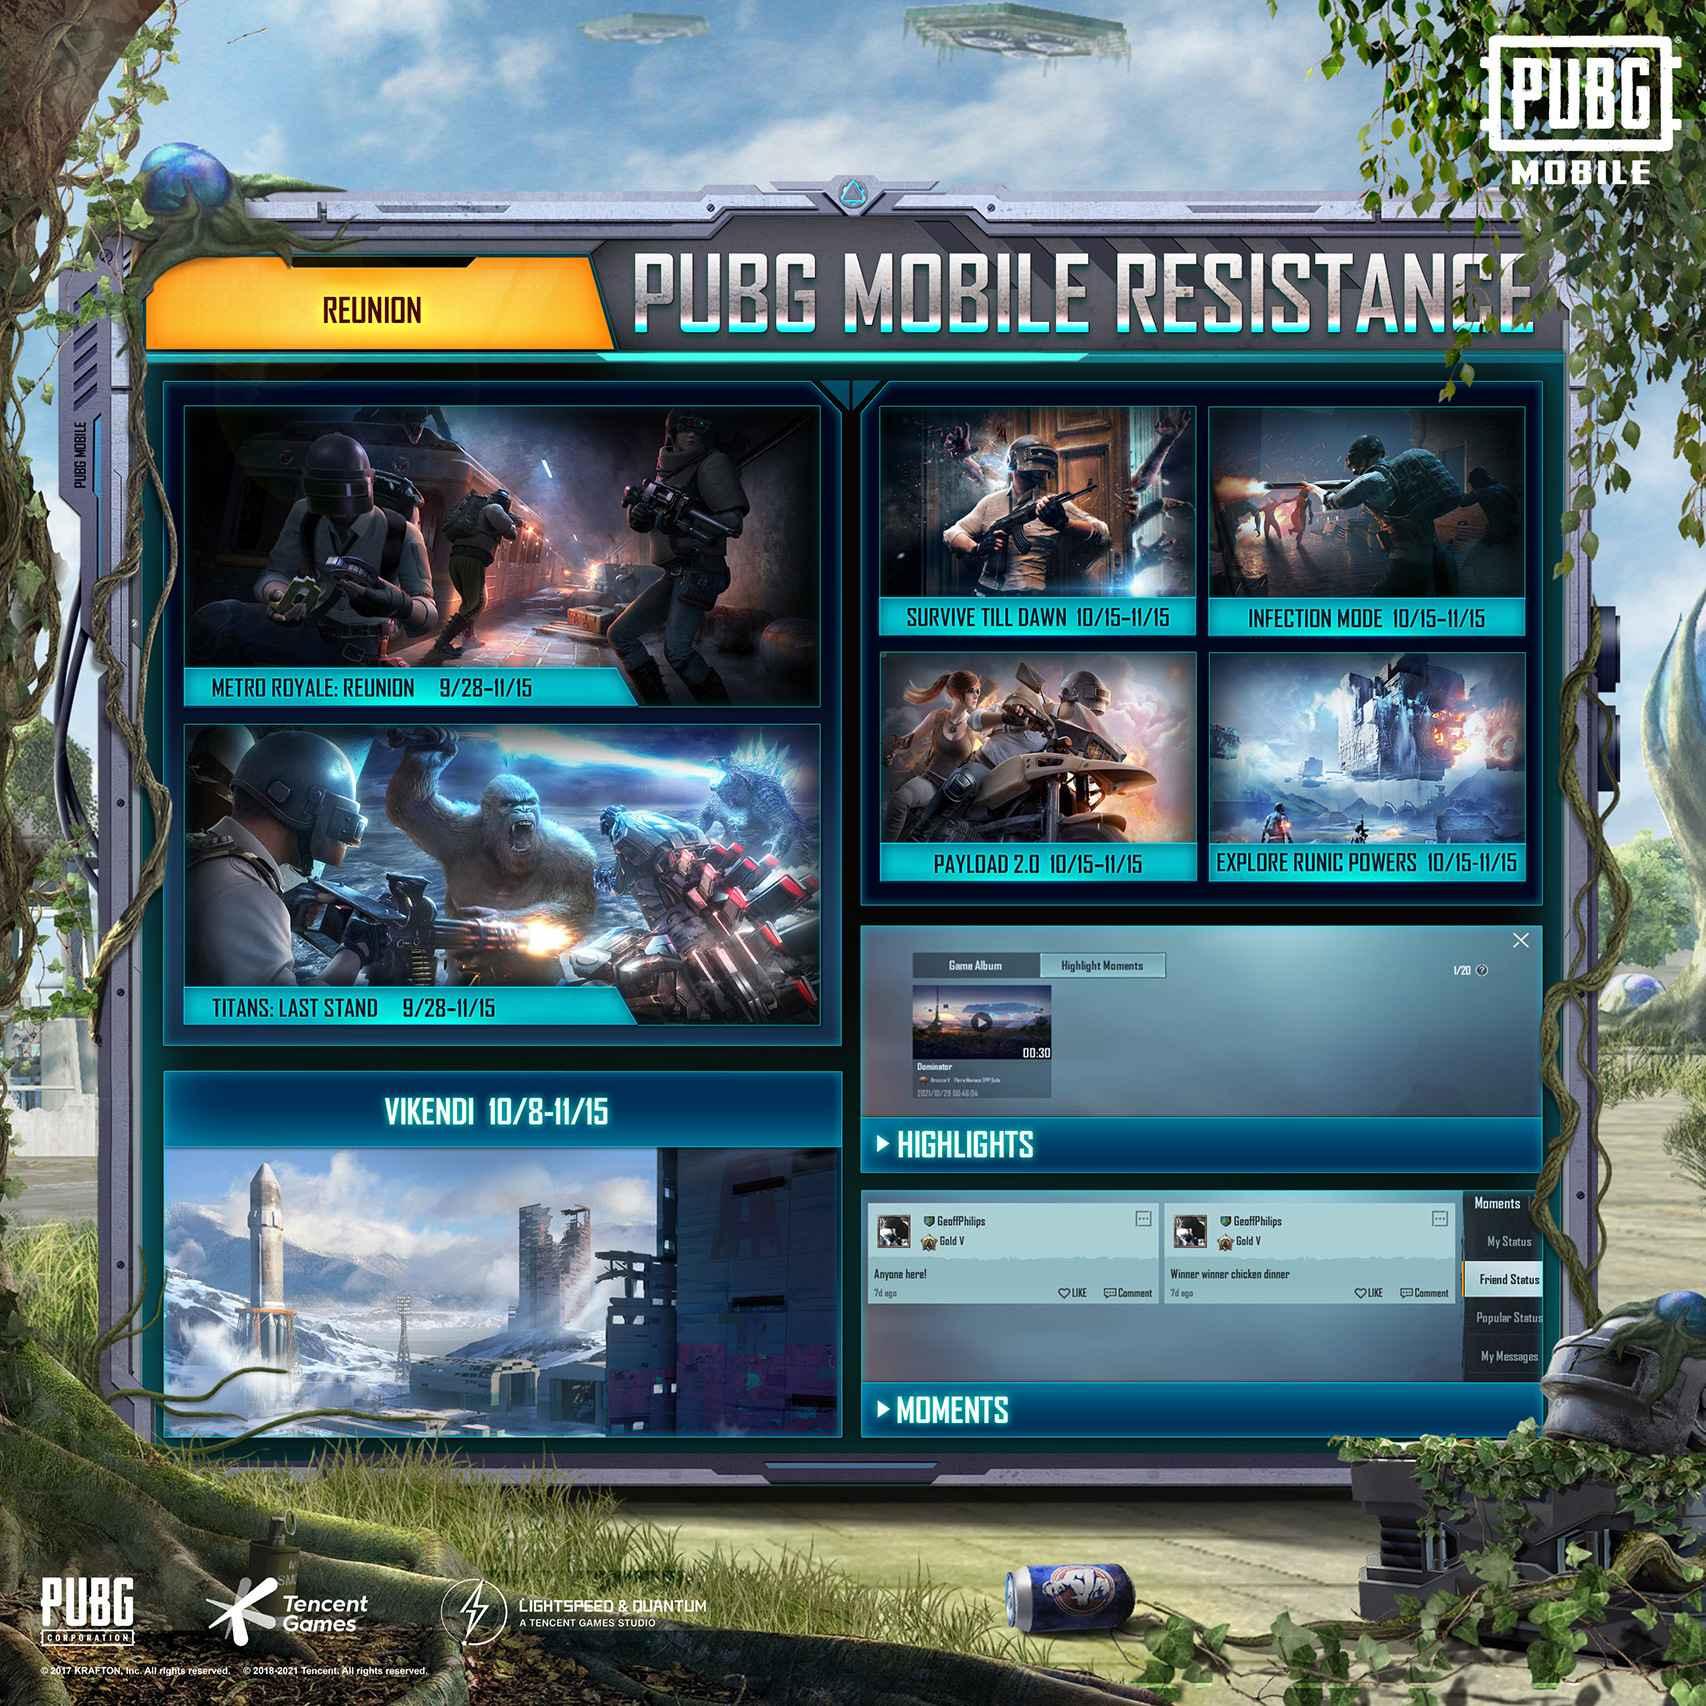 Vuelta de modos y mapas en PUBG Mobile